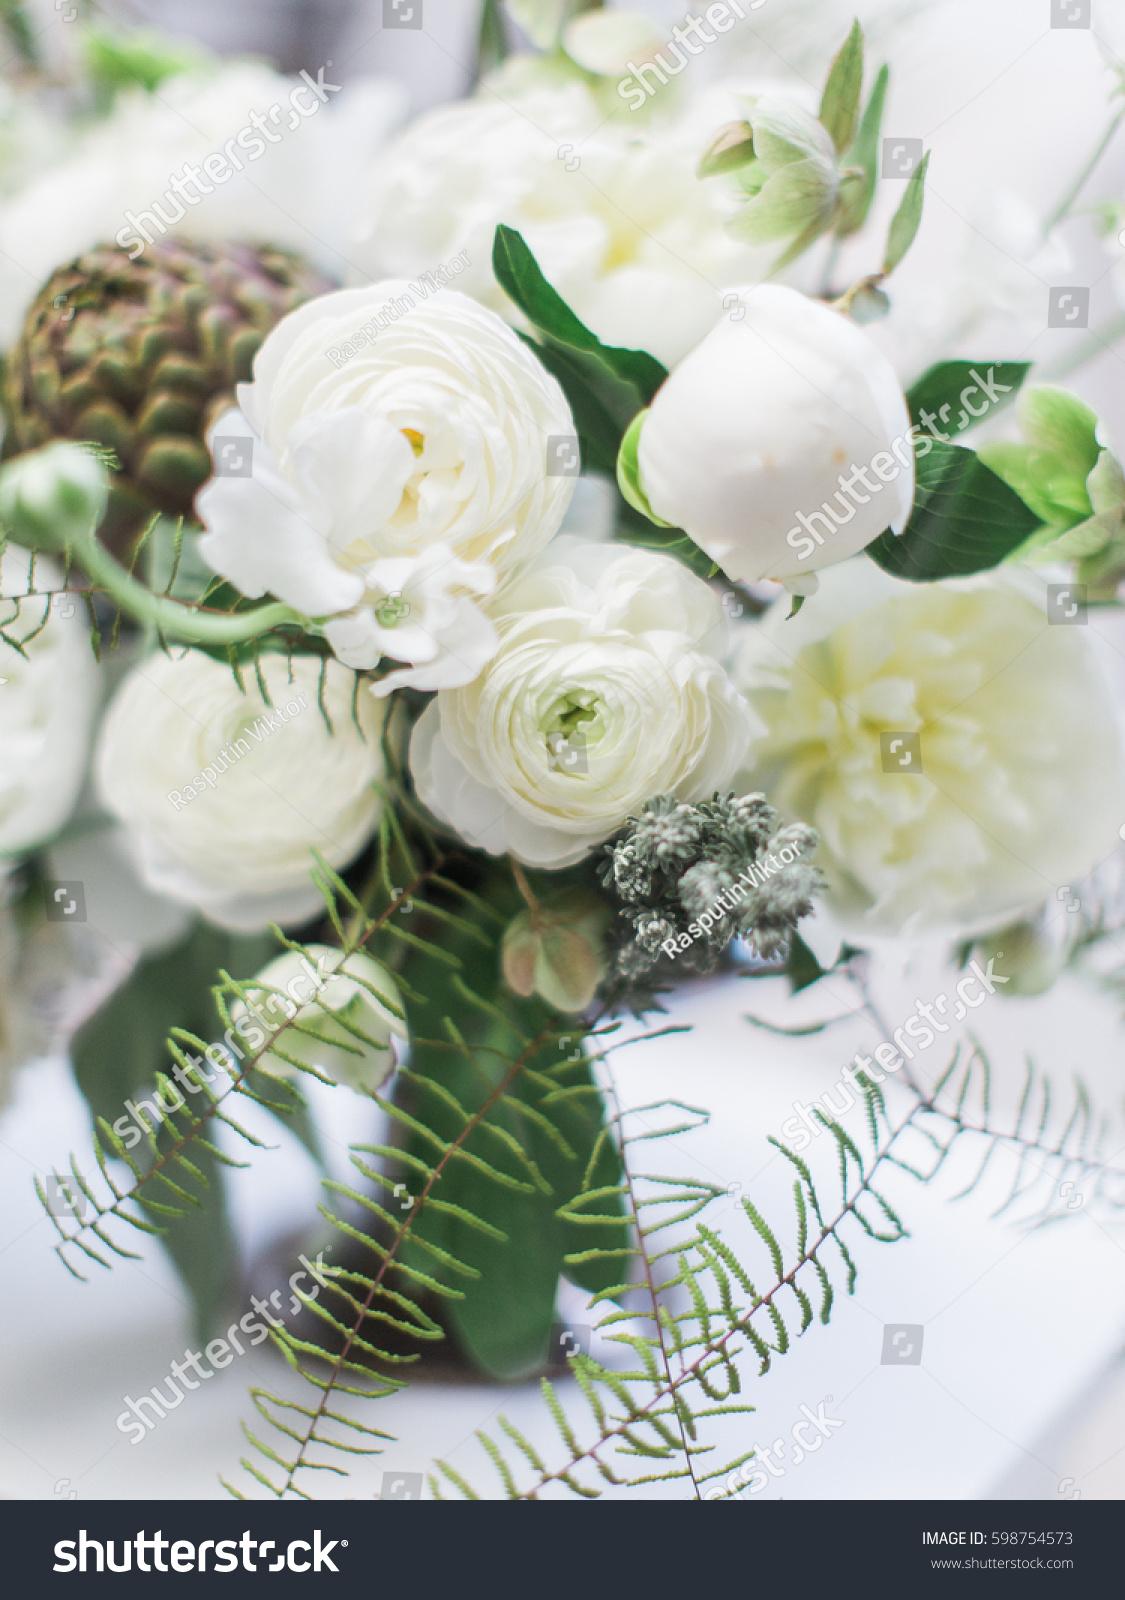 Modern Wedding White Flower Bouquet Bride Stock Photo Edit Now 598754573